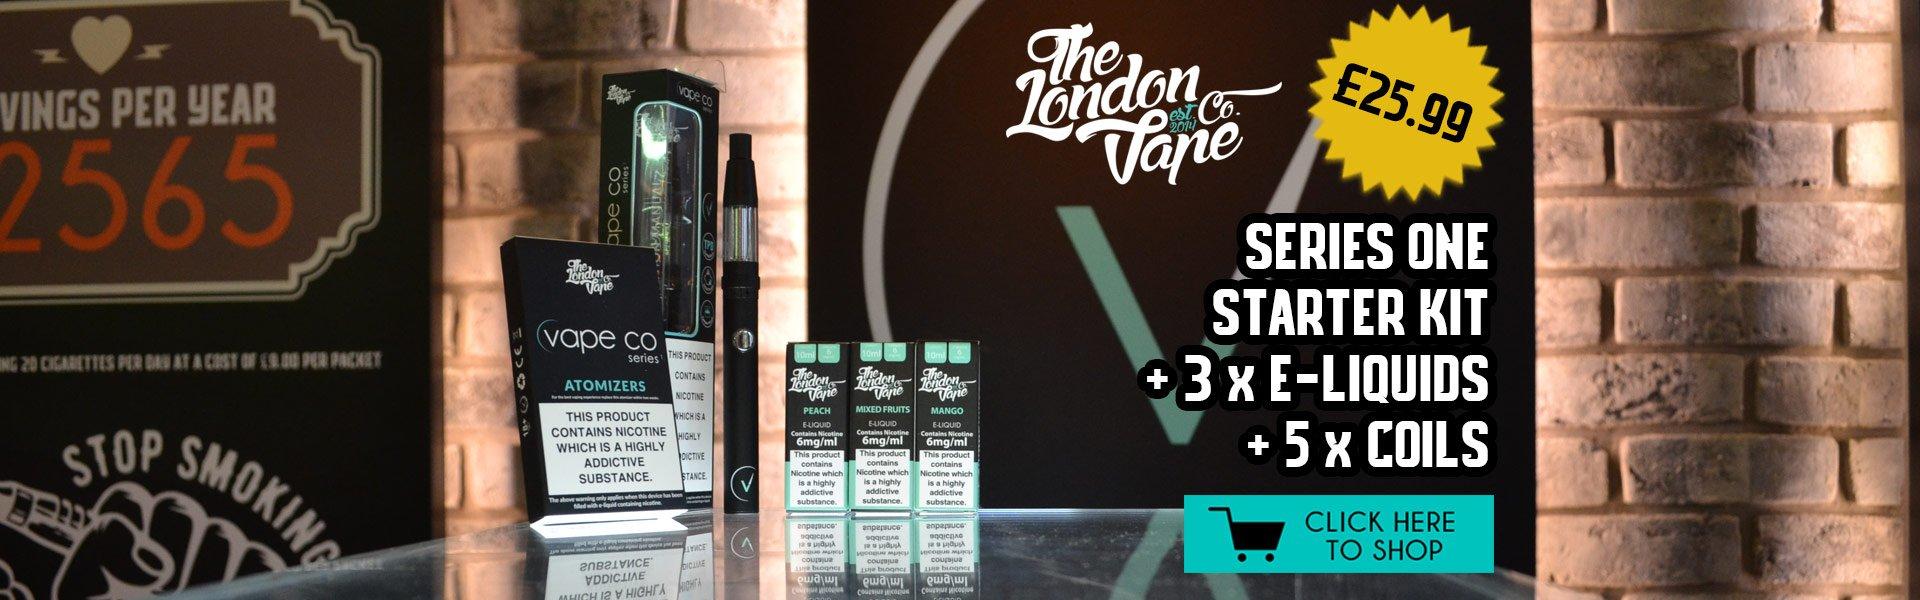 E cigarette UK - The London Vape Co, E liquids, London - E